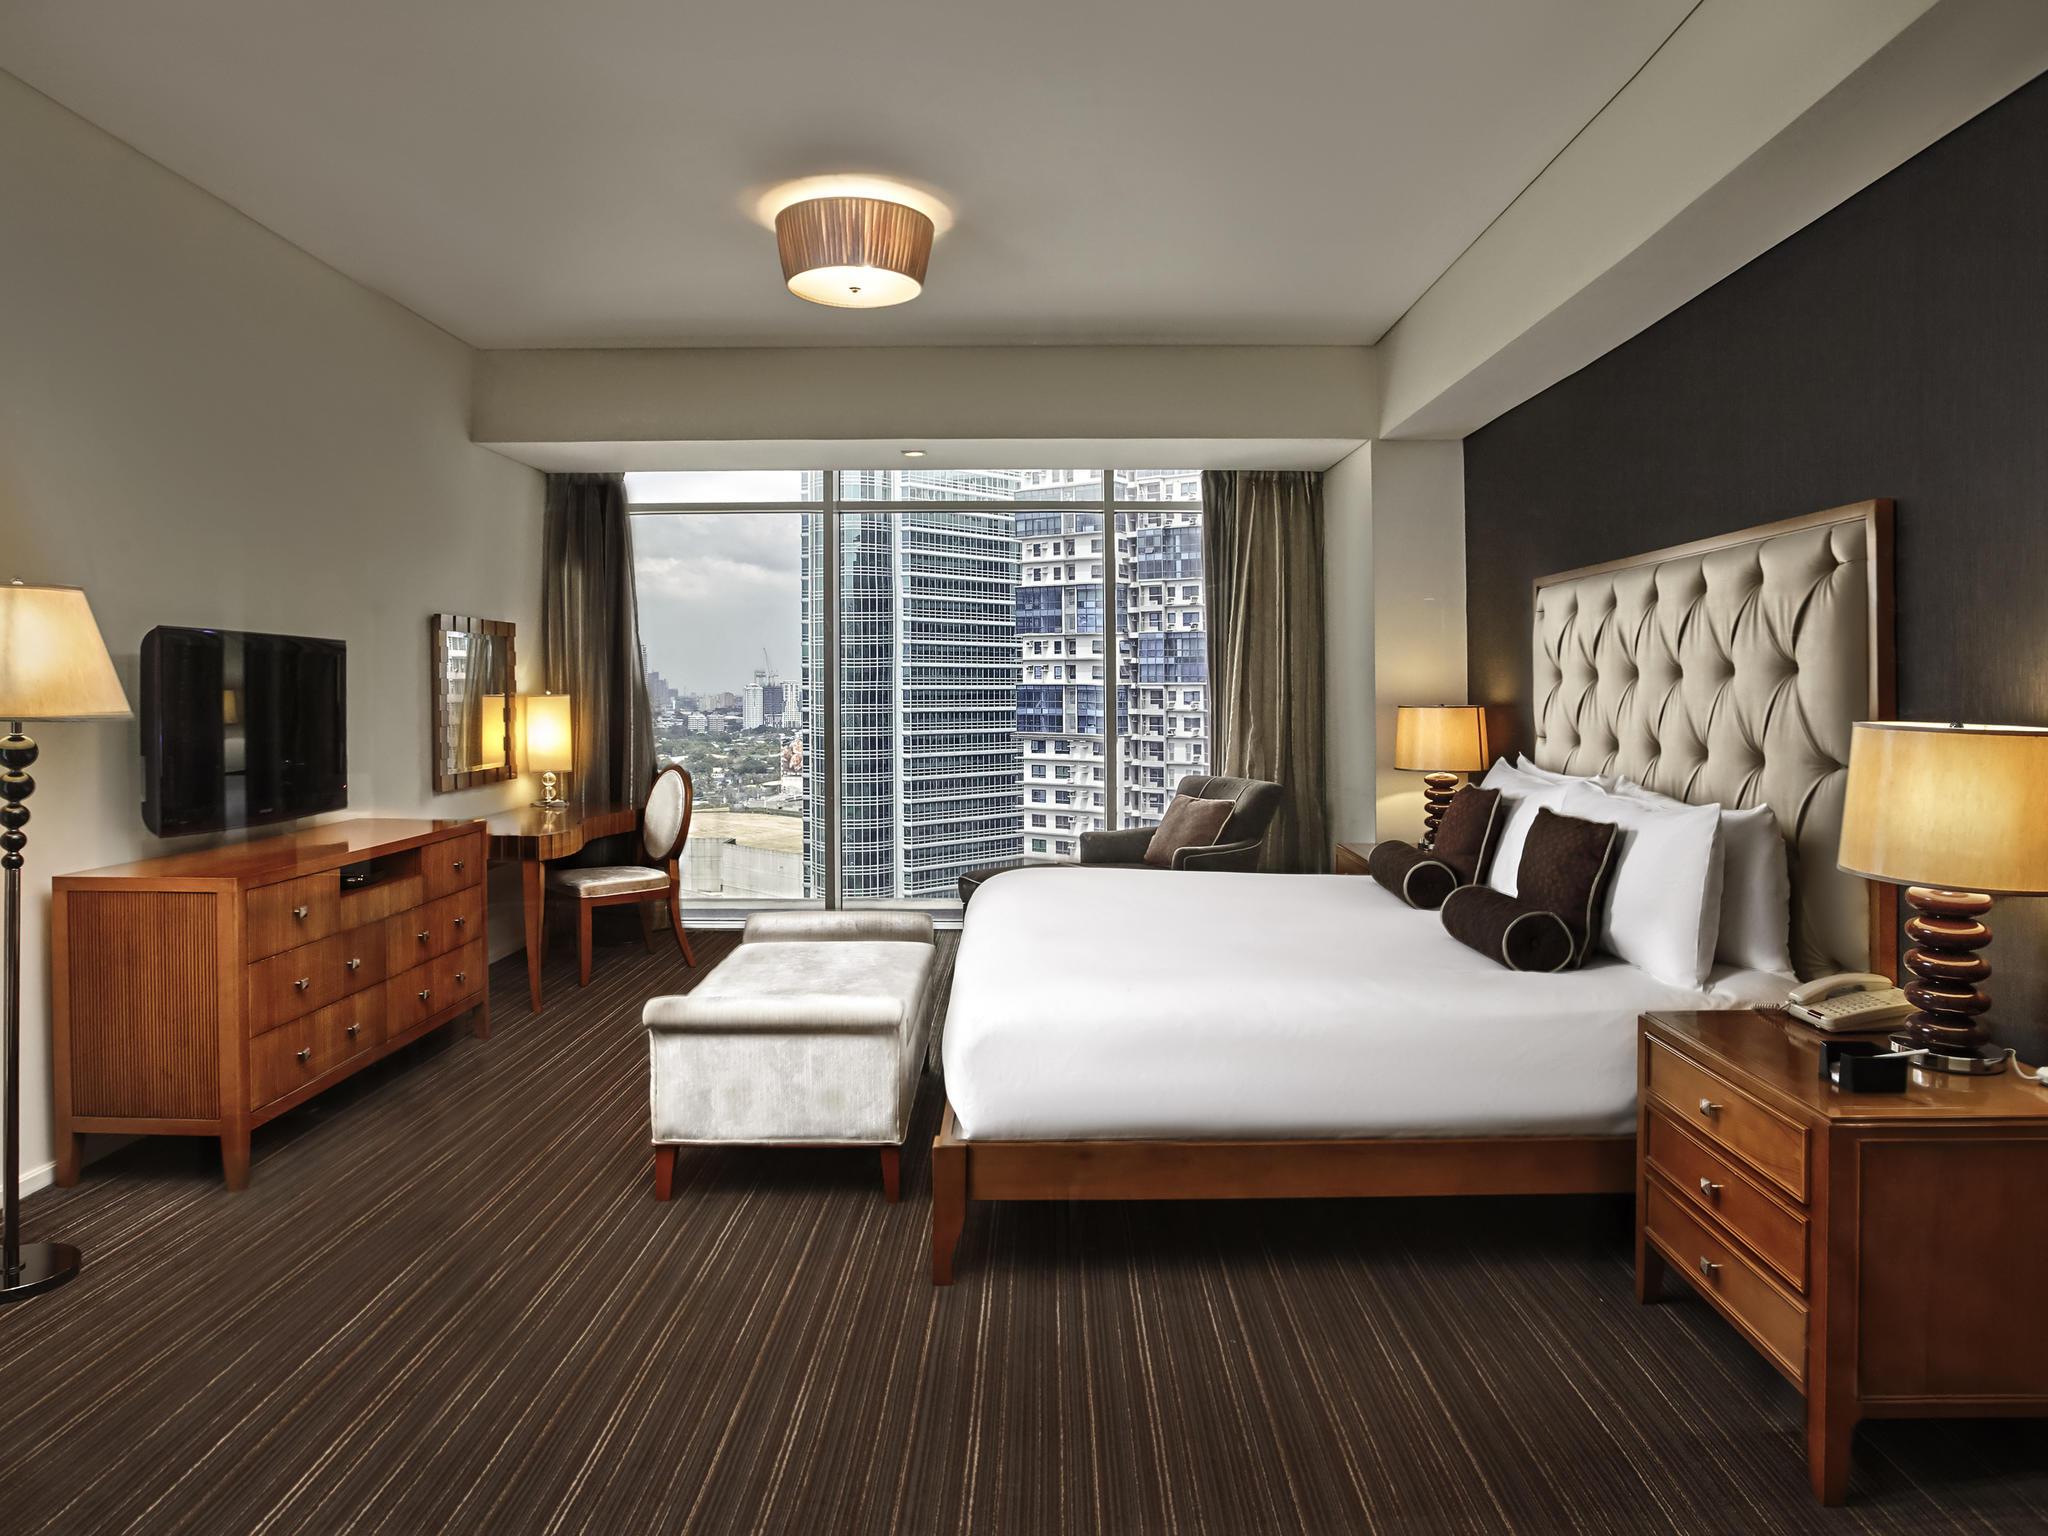 酒店 – 雅高酒店集团管理的马尼拉喜悦罗斯塔尔格套房酒店